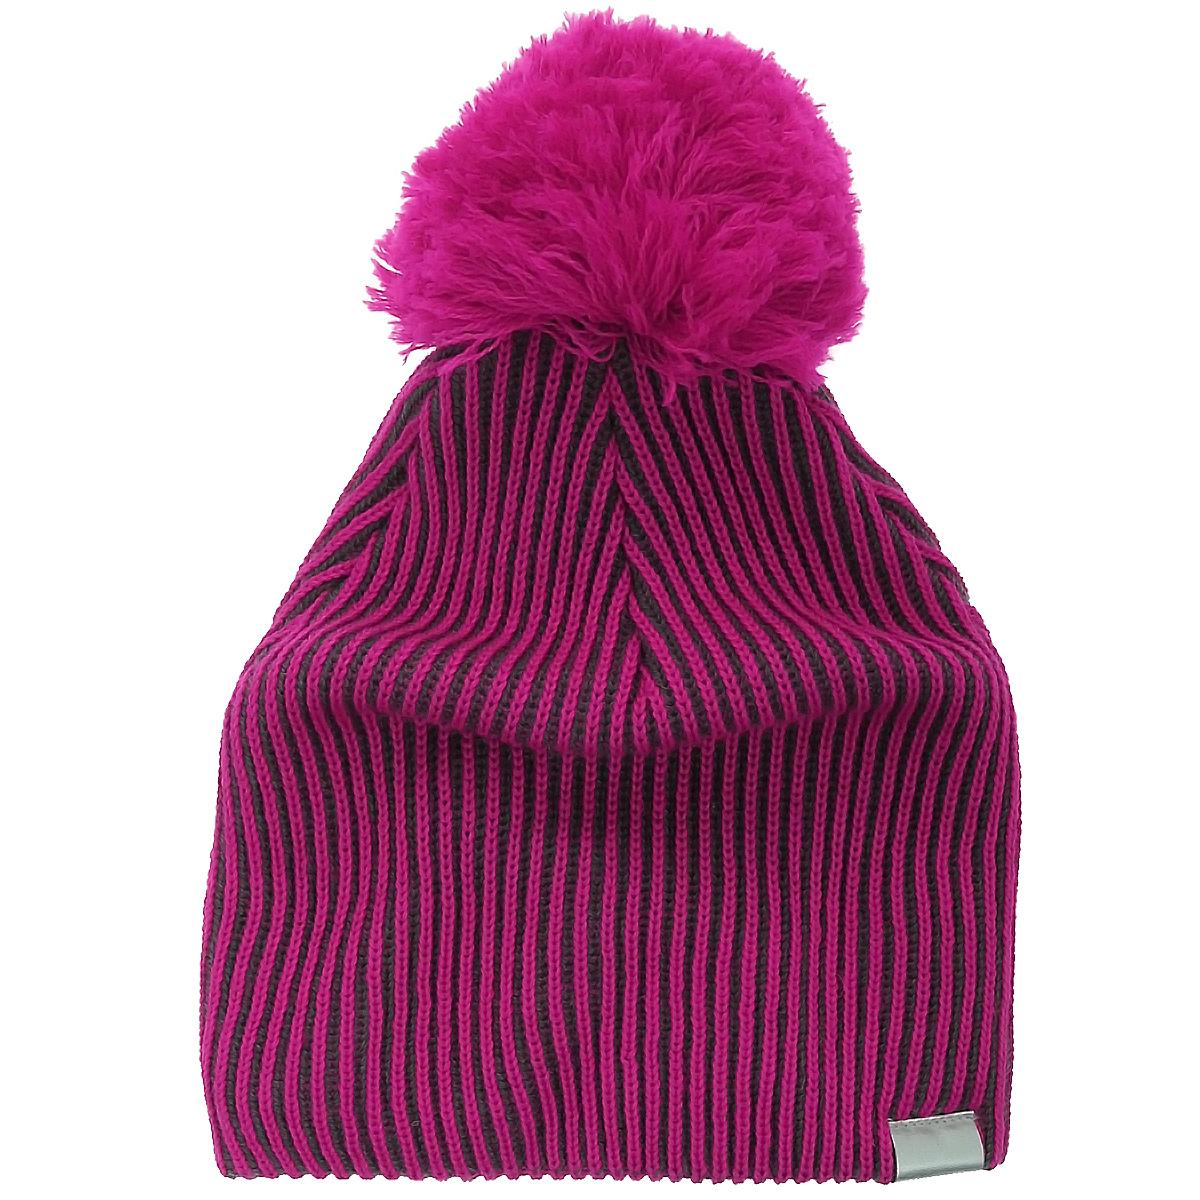 Шапка детская. 728631728631-2280Комфортная детская шапка Lassie by Reima идеально подойдет для прогулок в холодное время года, защищая ушки ребенка от ветра. Шапка с ветрозащитными вставками в области ушей, выполненная из шерстяной пряжи с добавлением акрила, максимально сохраняет тепло, она мягкая и идеально прилегает к голове. Шерсть хорошо тянется и устойчива к сминанию. Мягкая подкладка выполнена из флиса, поэтому шапка хорошо сохраняет тепло и обладает отличной гигроскопичностью (не впитывает влагу, но проводит ее). Шапка на макушке декорирована забавным помпоном, а сбоку дополнена светоотражающим элементом с логотипом бренда для безопасности в темное время суток. Оригинальный дизайн и яркая расцветка делают эту шапку модным и стильным предметом детского гардероба. В ней ваш ребенок будет чувствовать себя уютно и комфортно и всегда будет в центре внимания! Уважаемые клиенты! Размер, доступный для заказа, является обхватом головы ребенка.